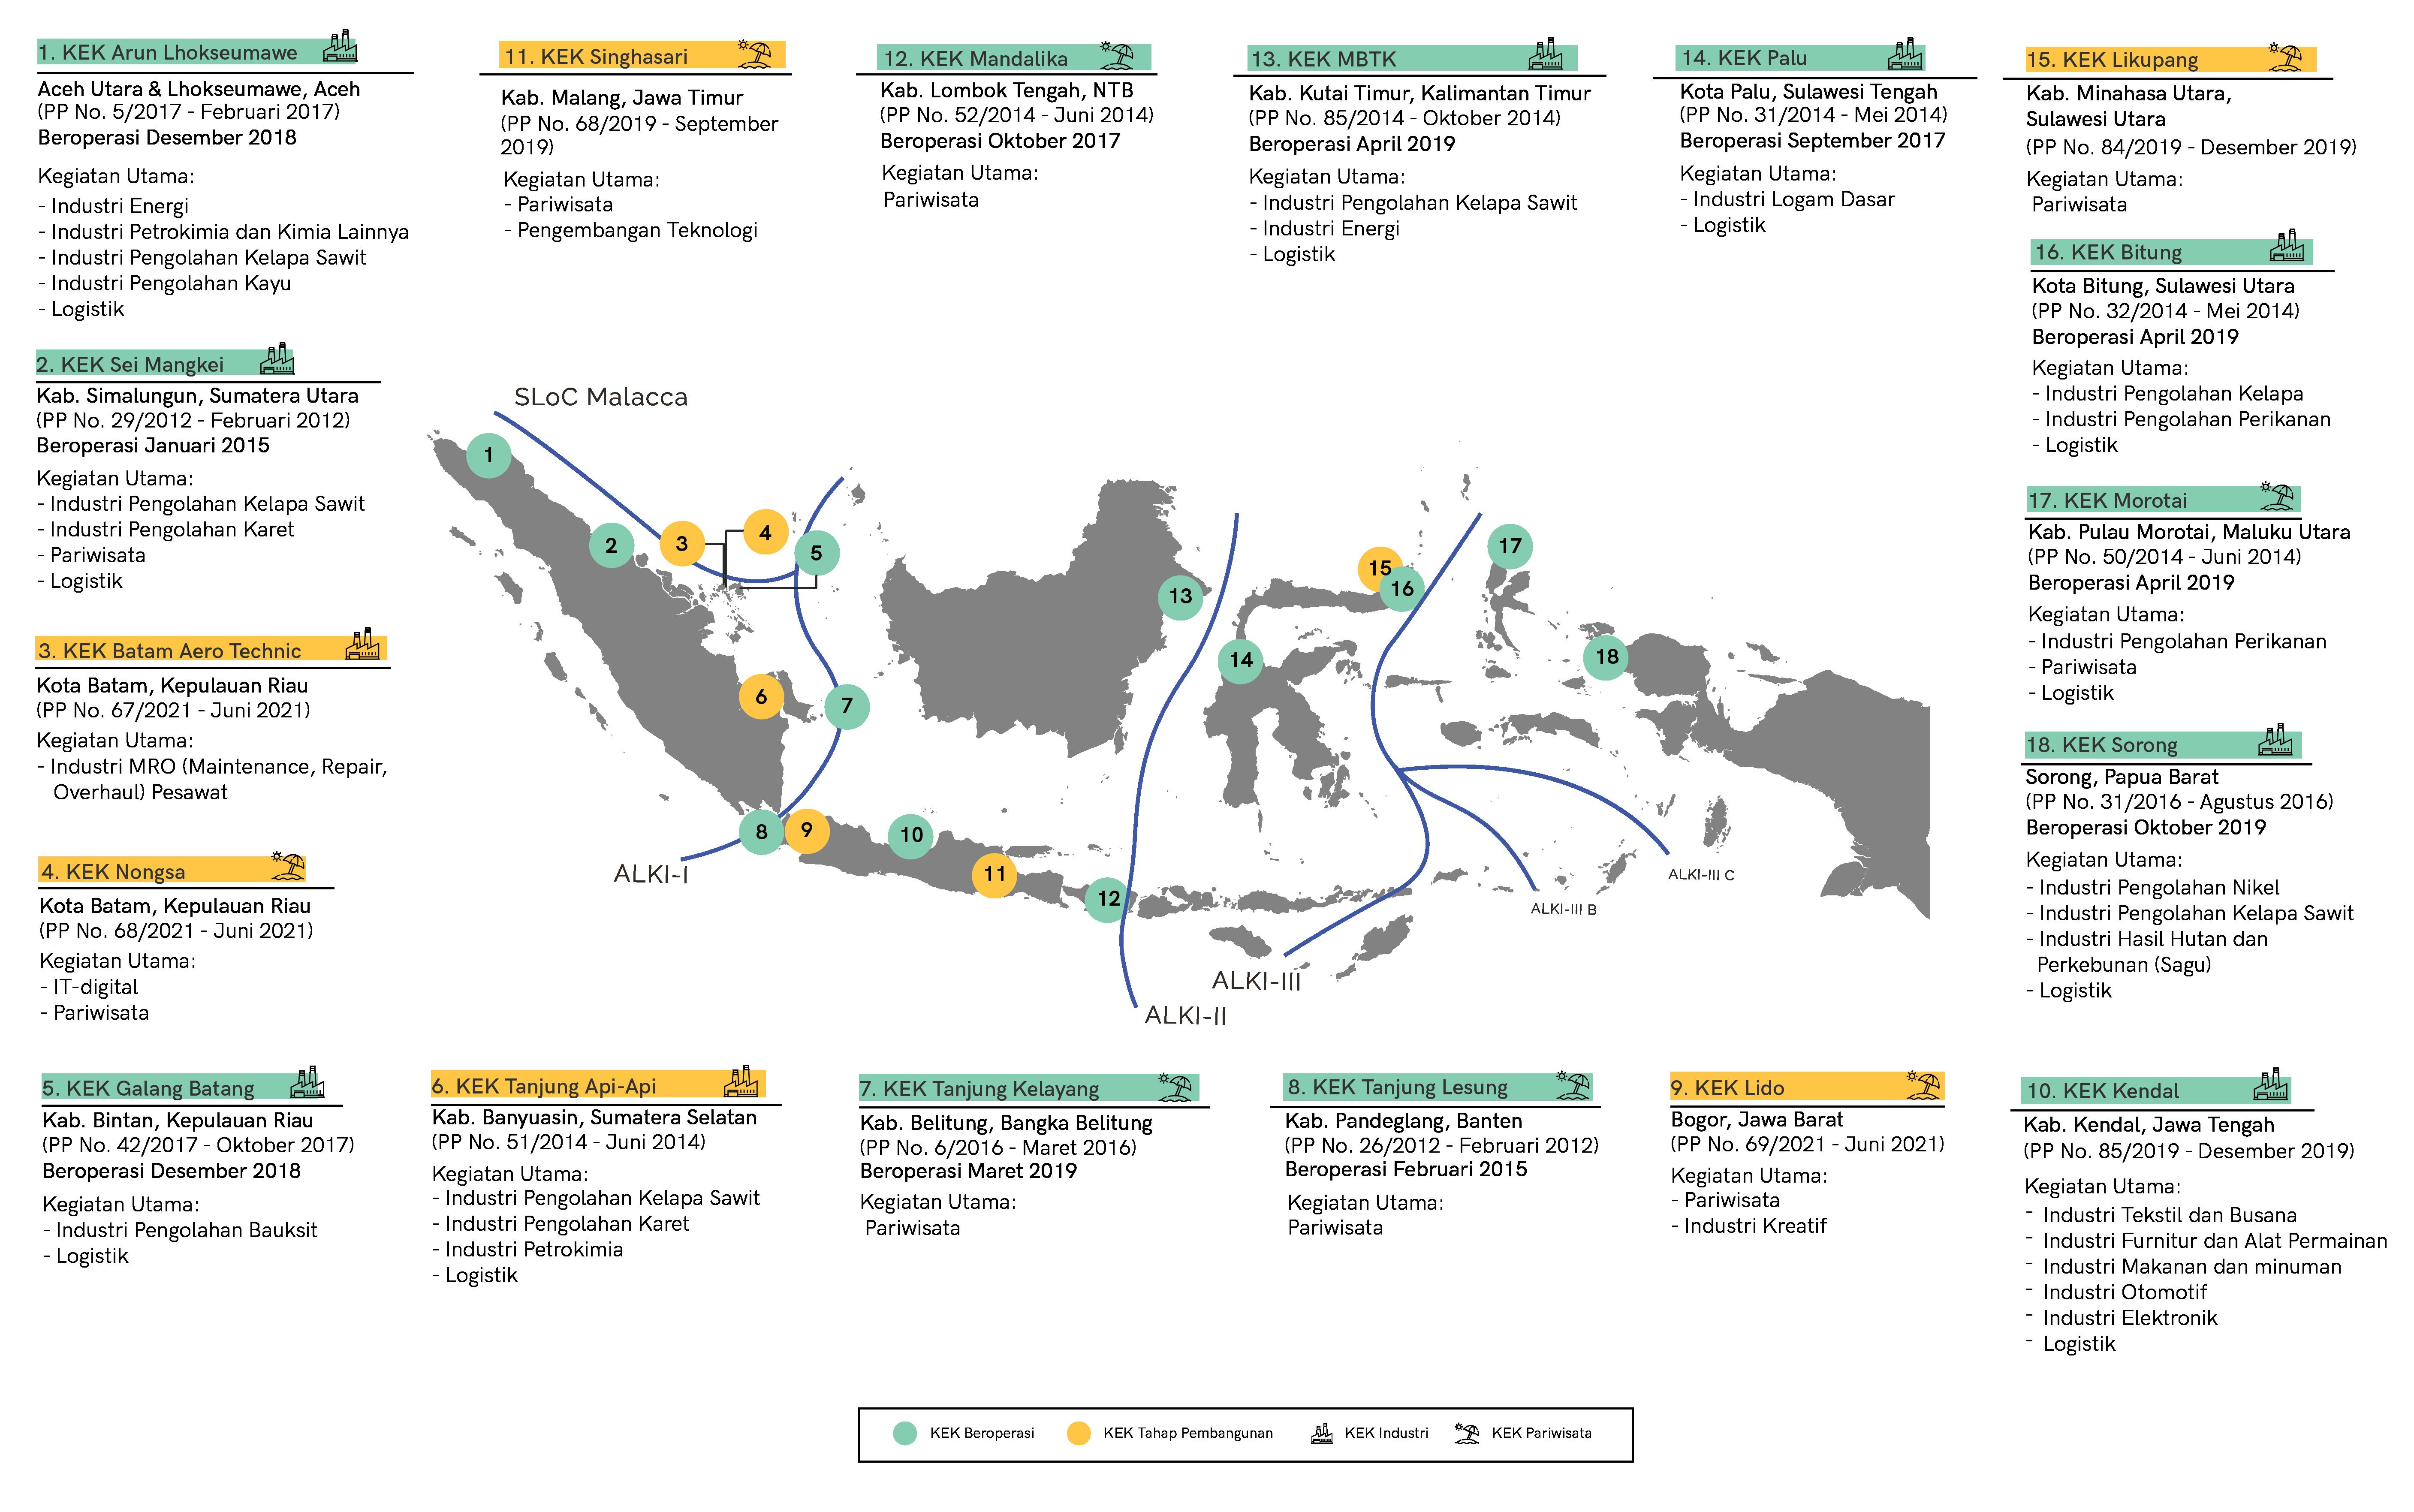 Provisions on Special Economic Zones